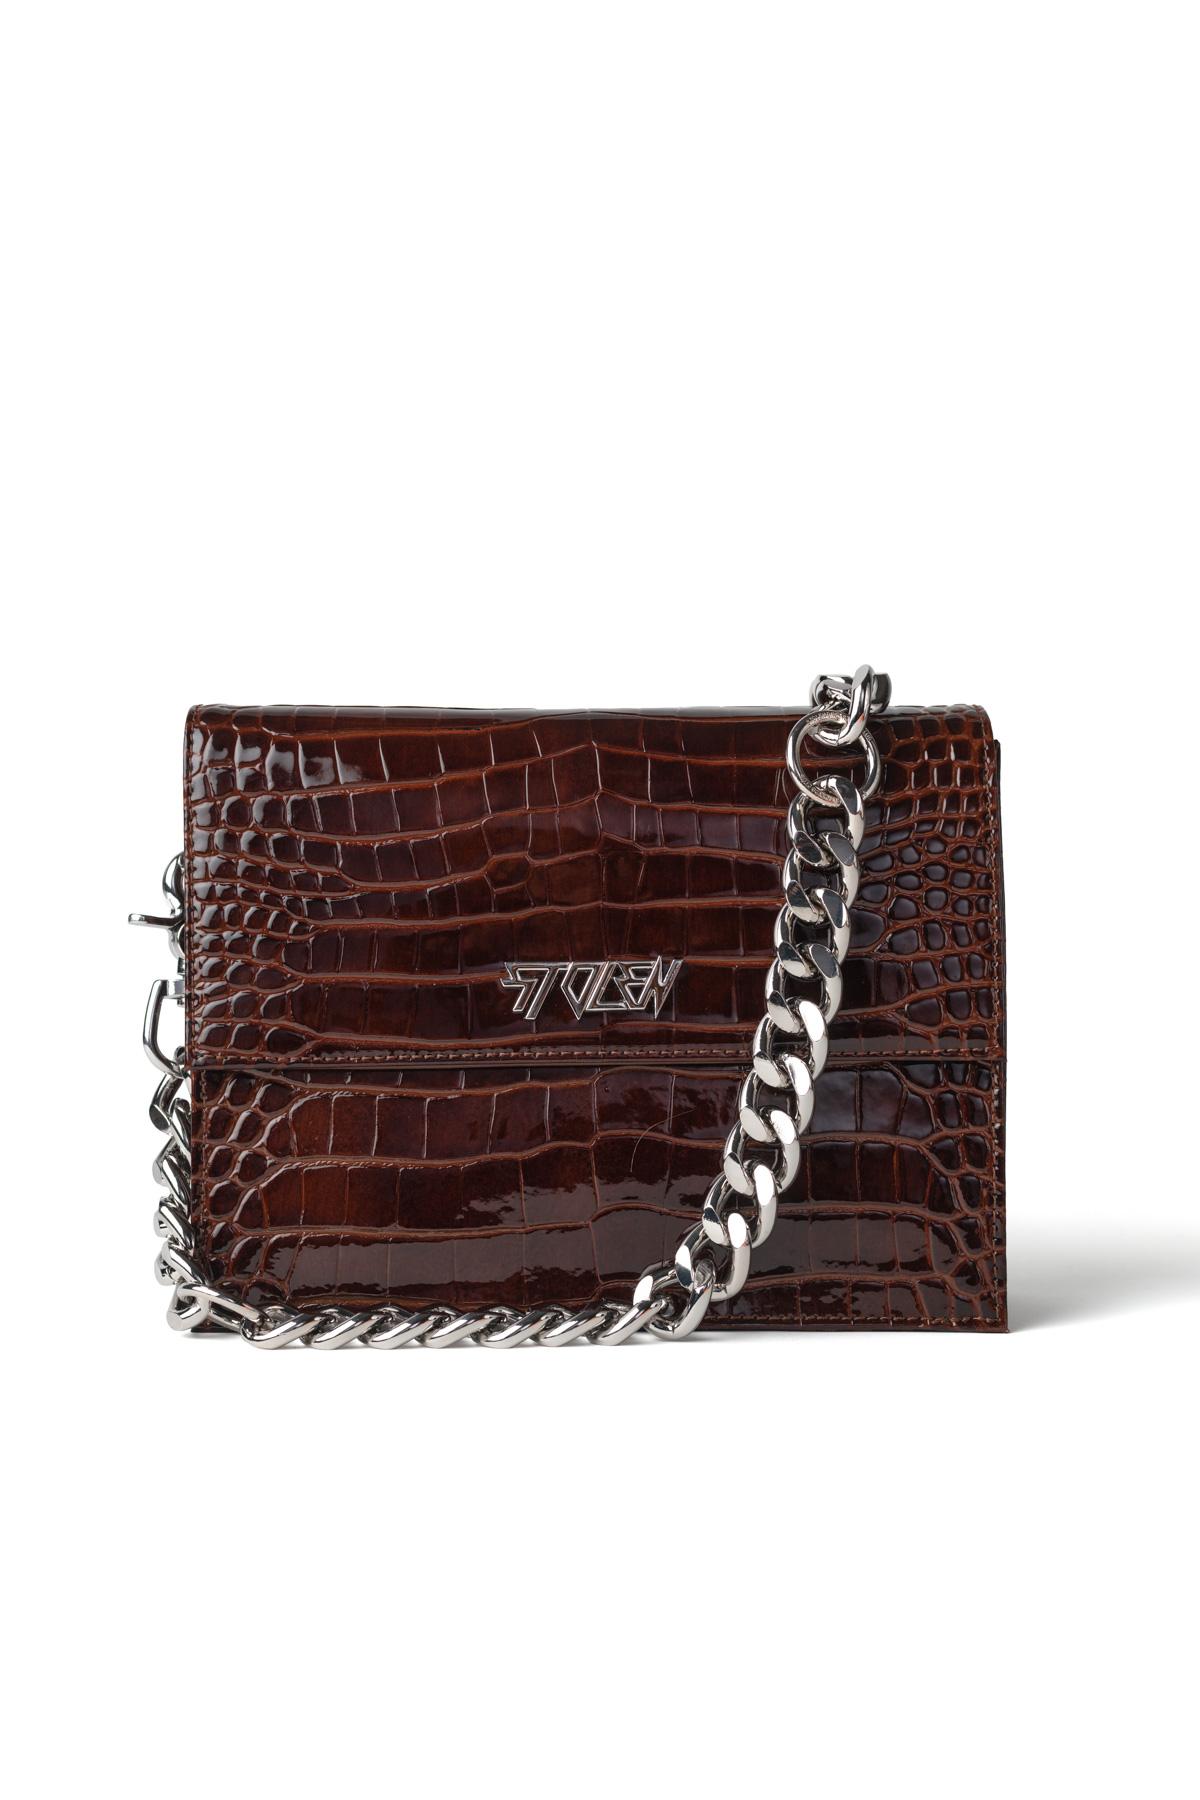 B041 Big Trouble Bag Auburn RRP$489